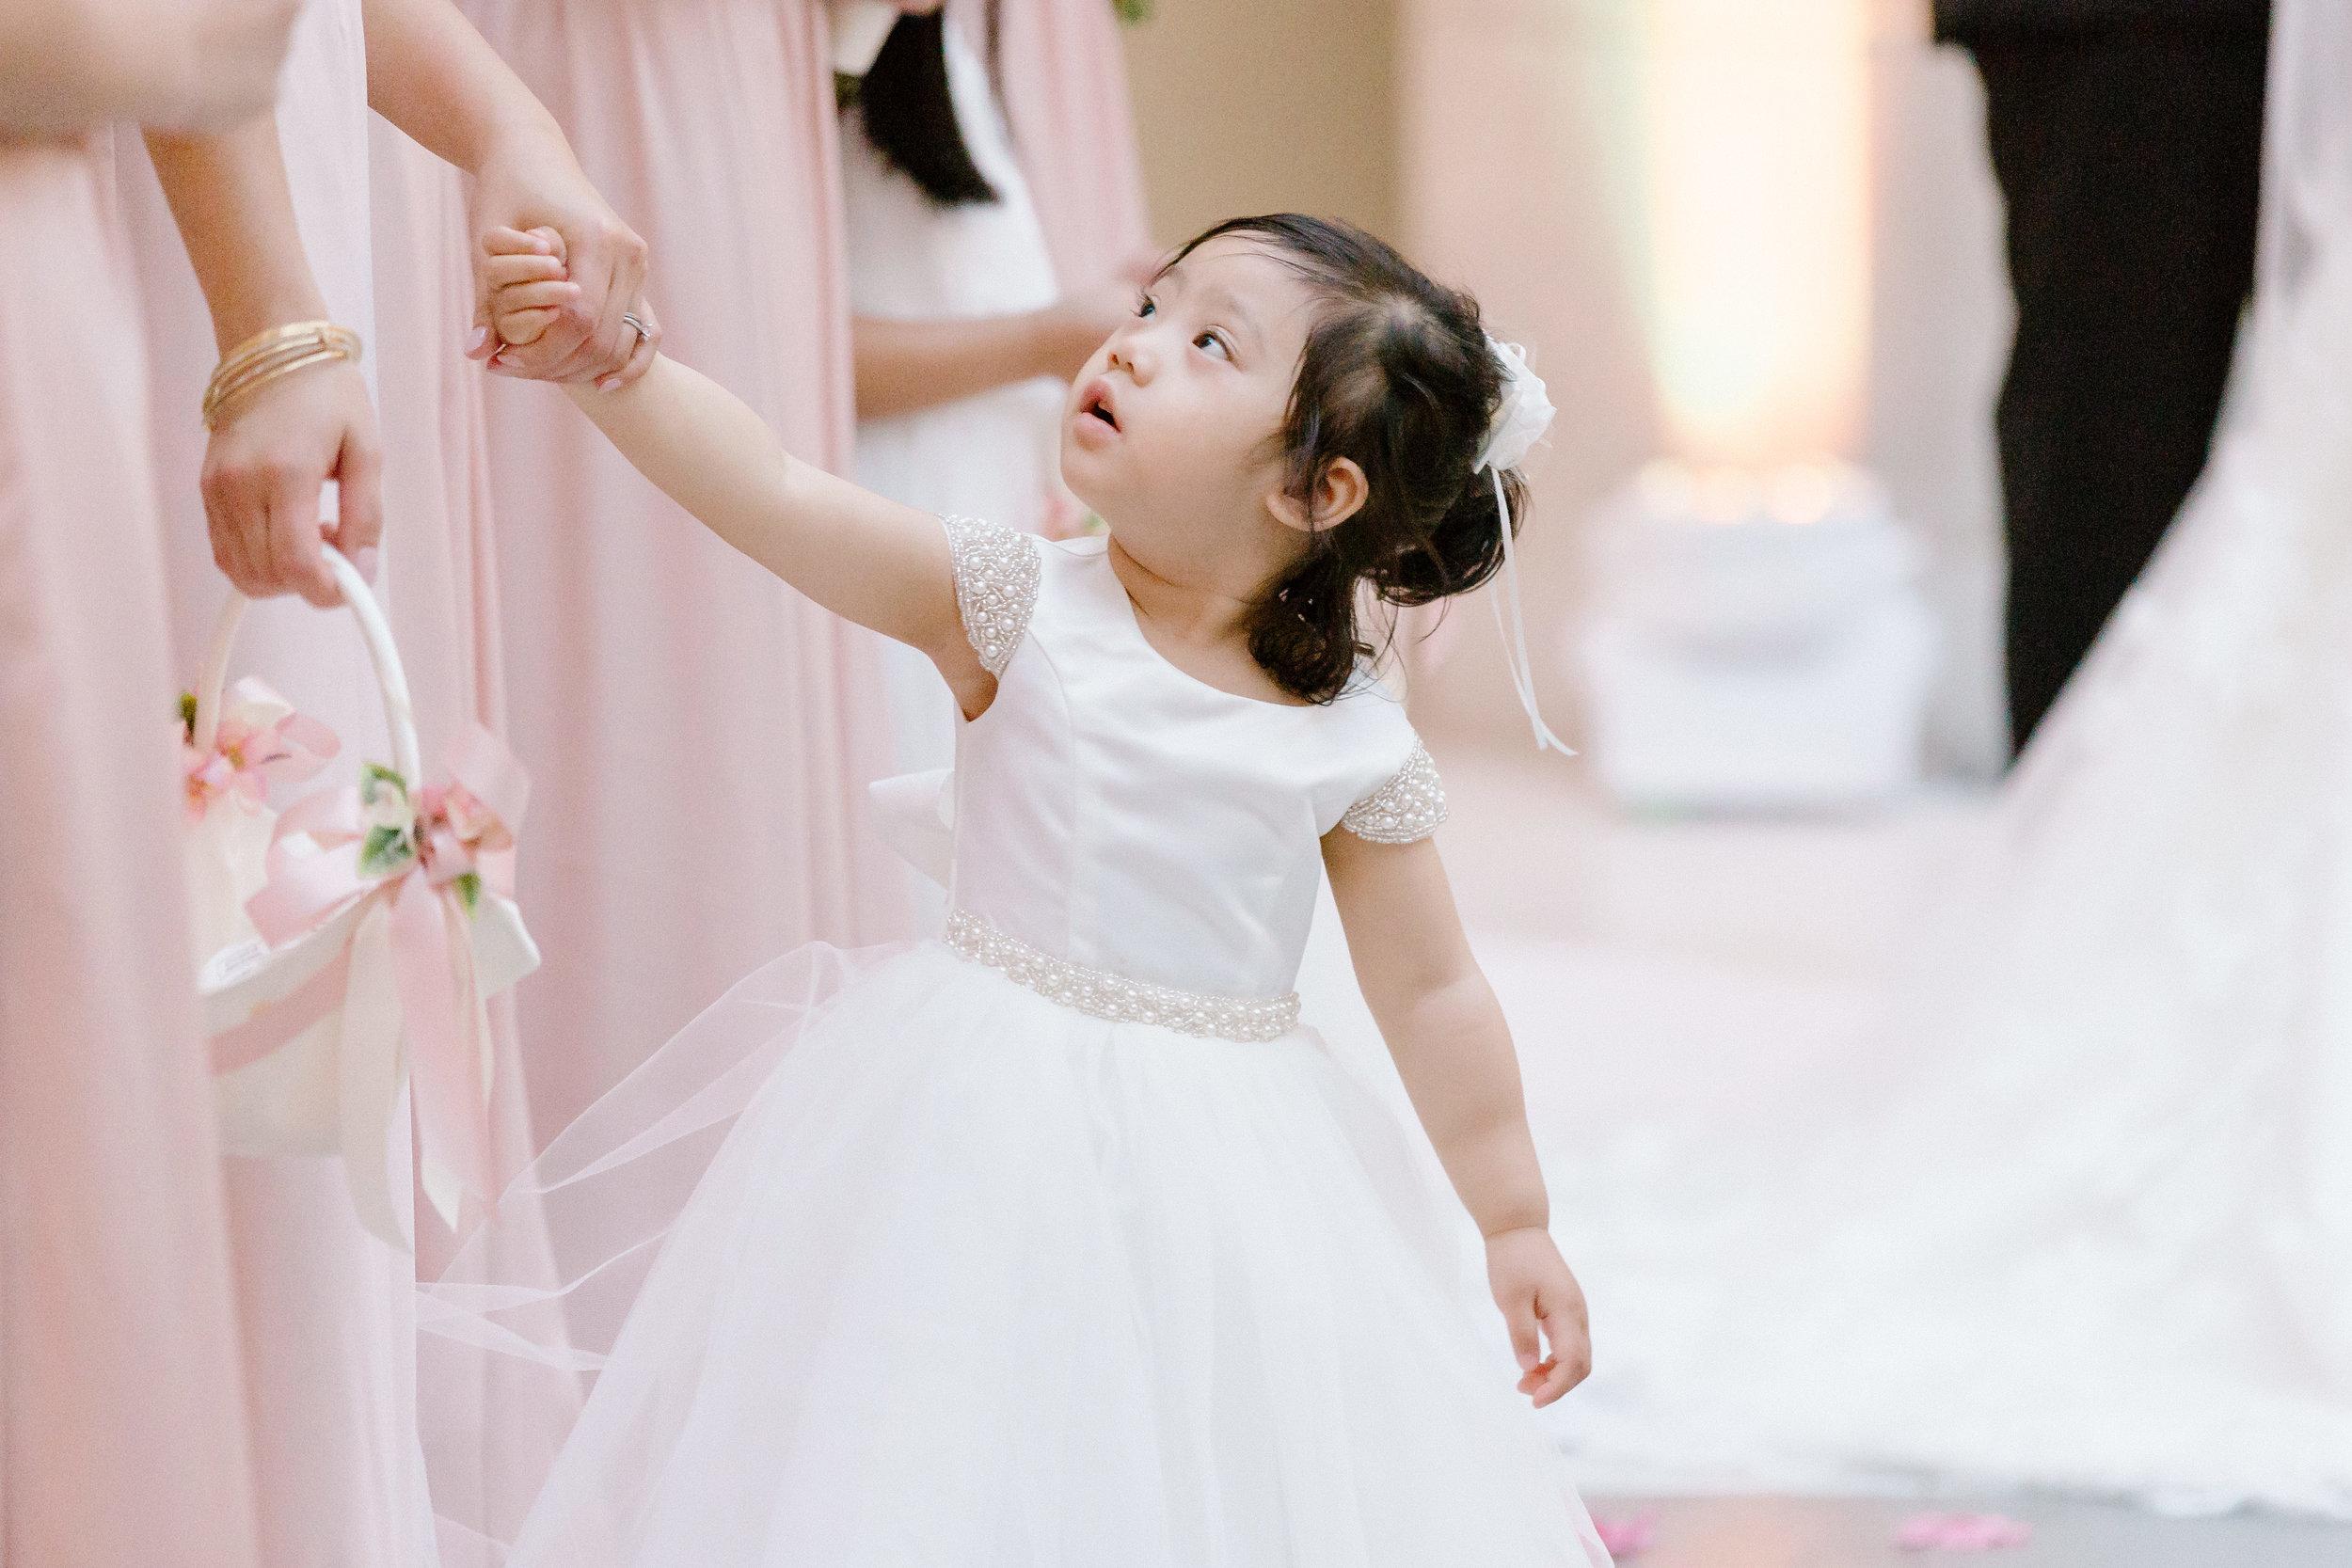 05_28_17_Wedding_375.jpg